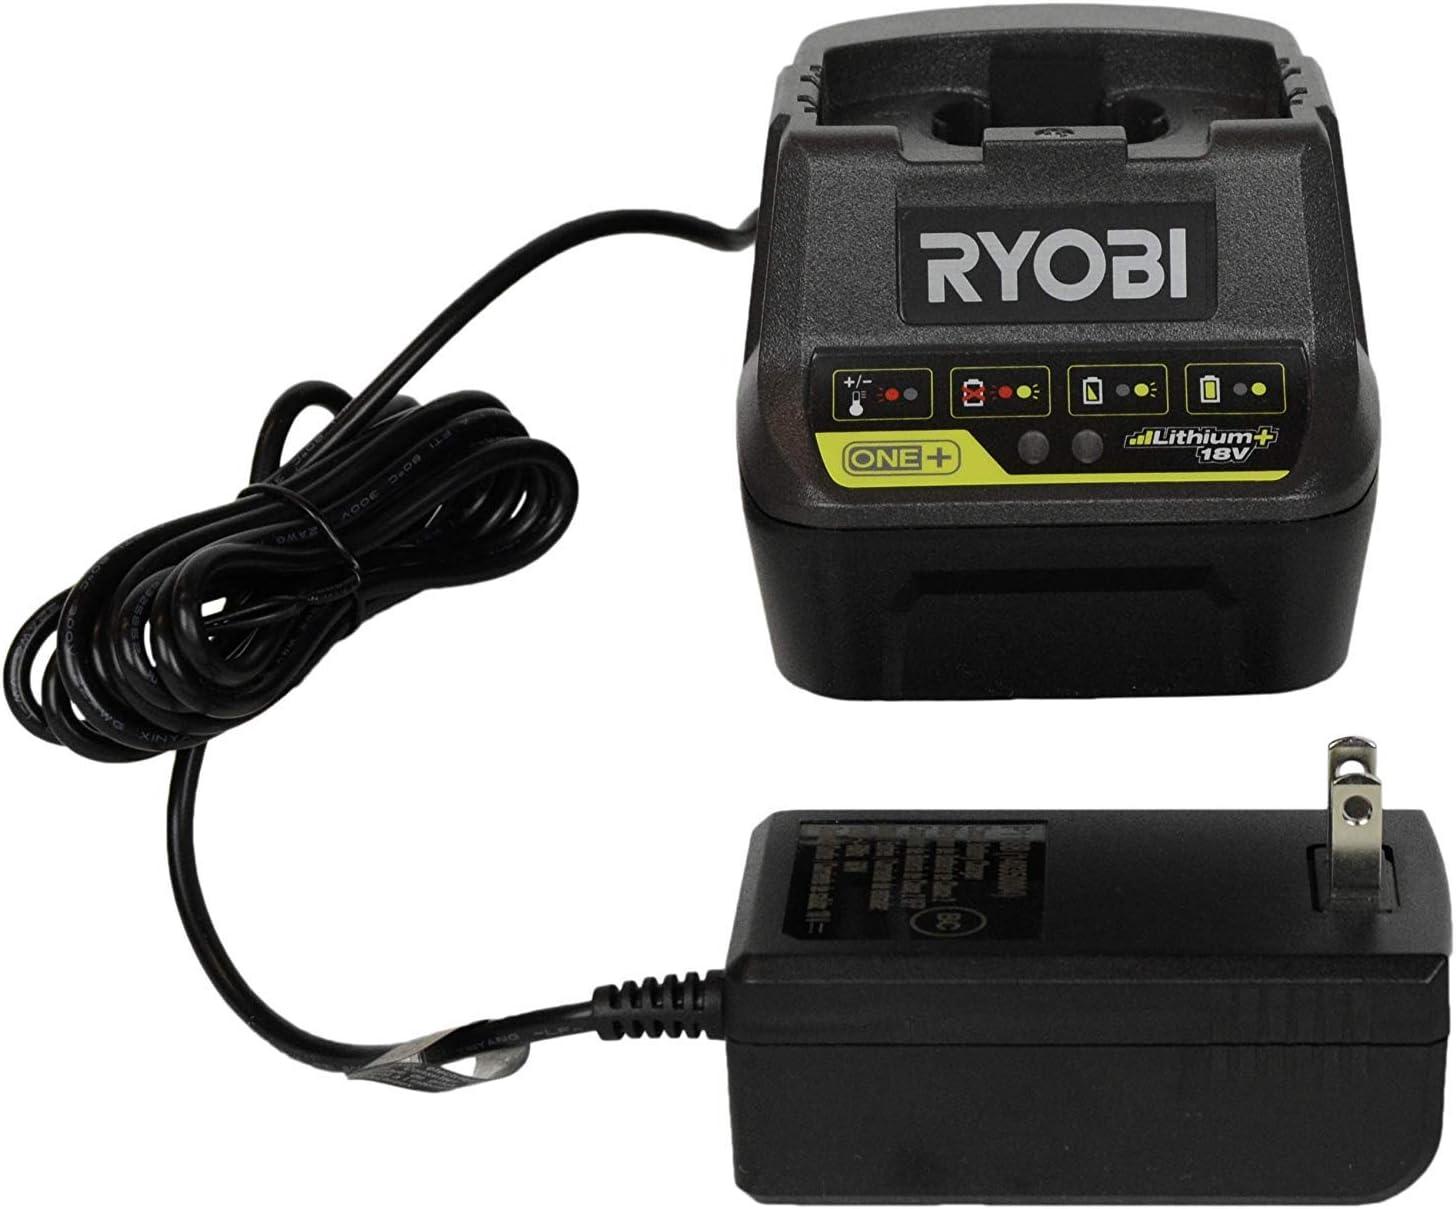 Genuine Ryobi P117 fast charger for all types 18V One For 220V 240V battery